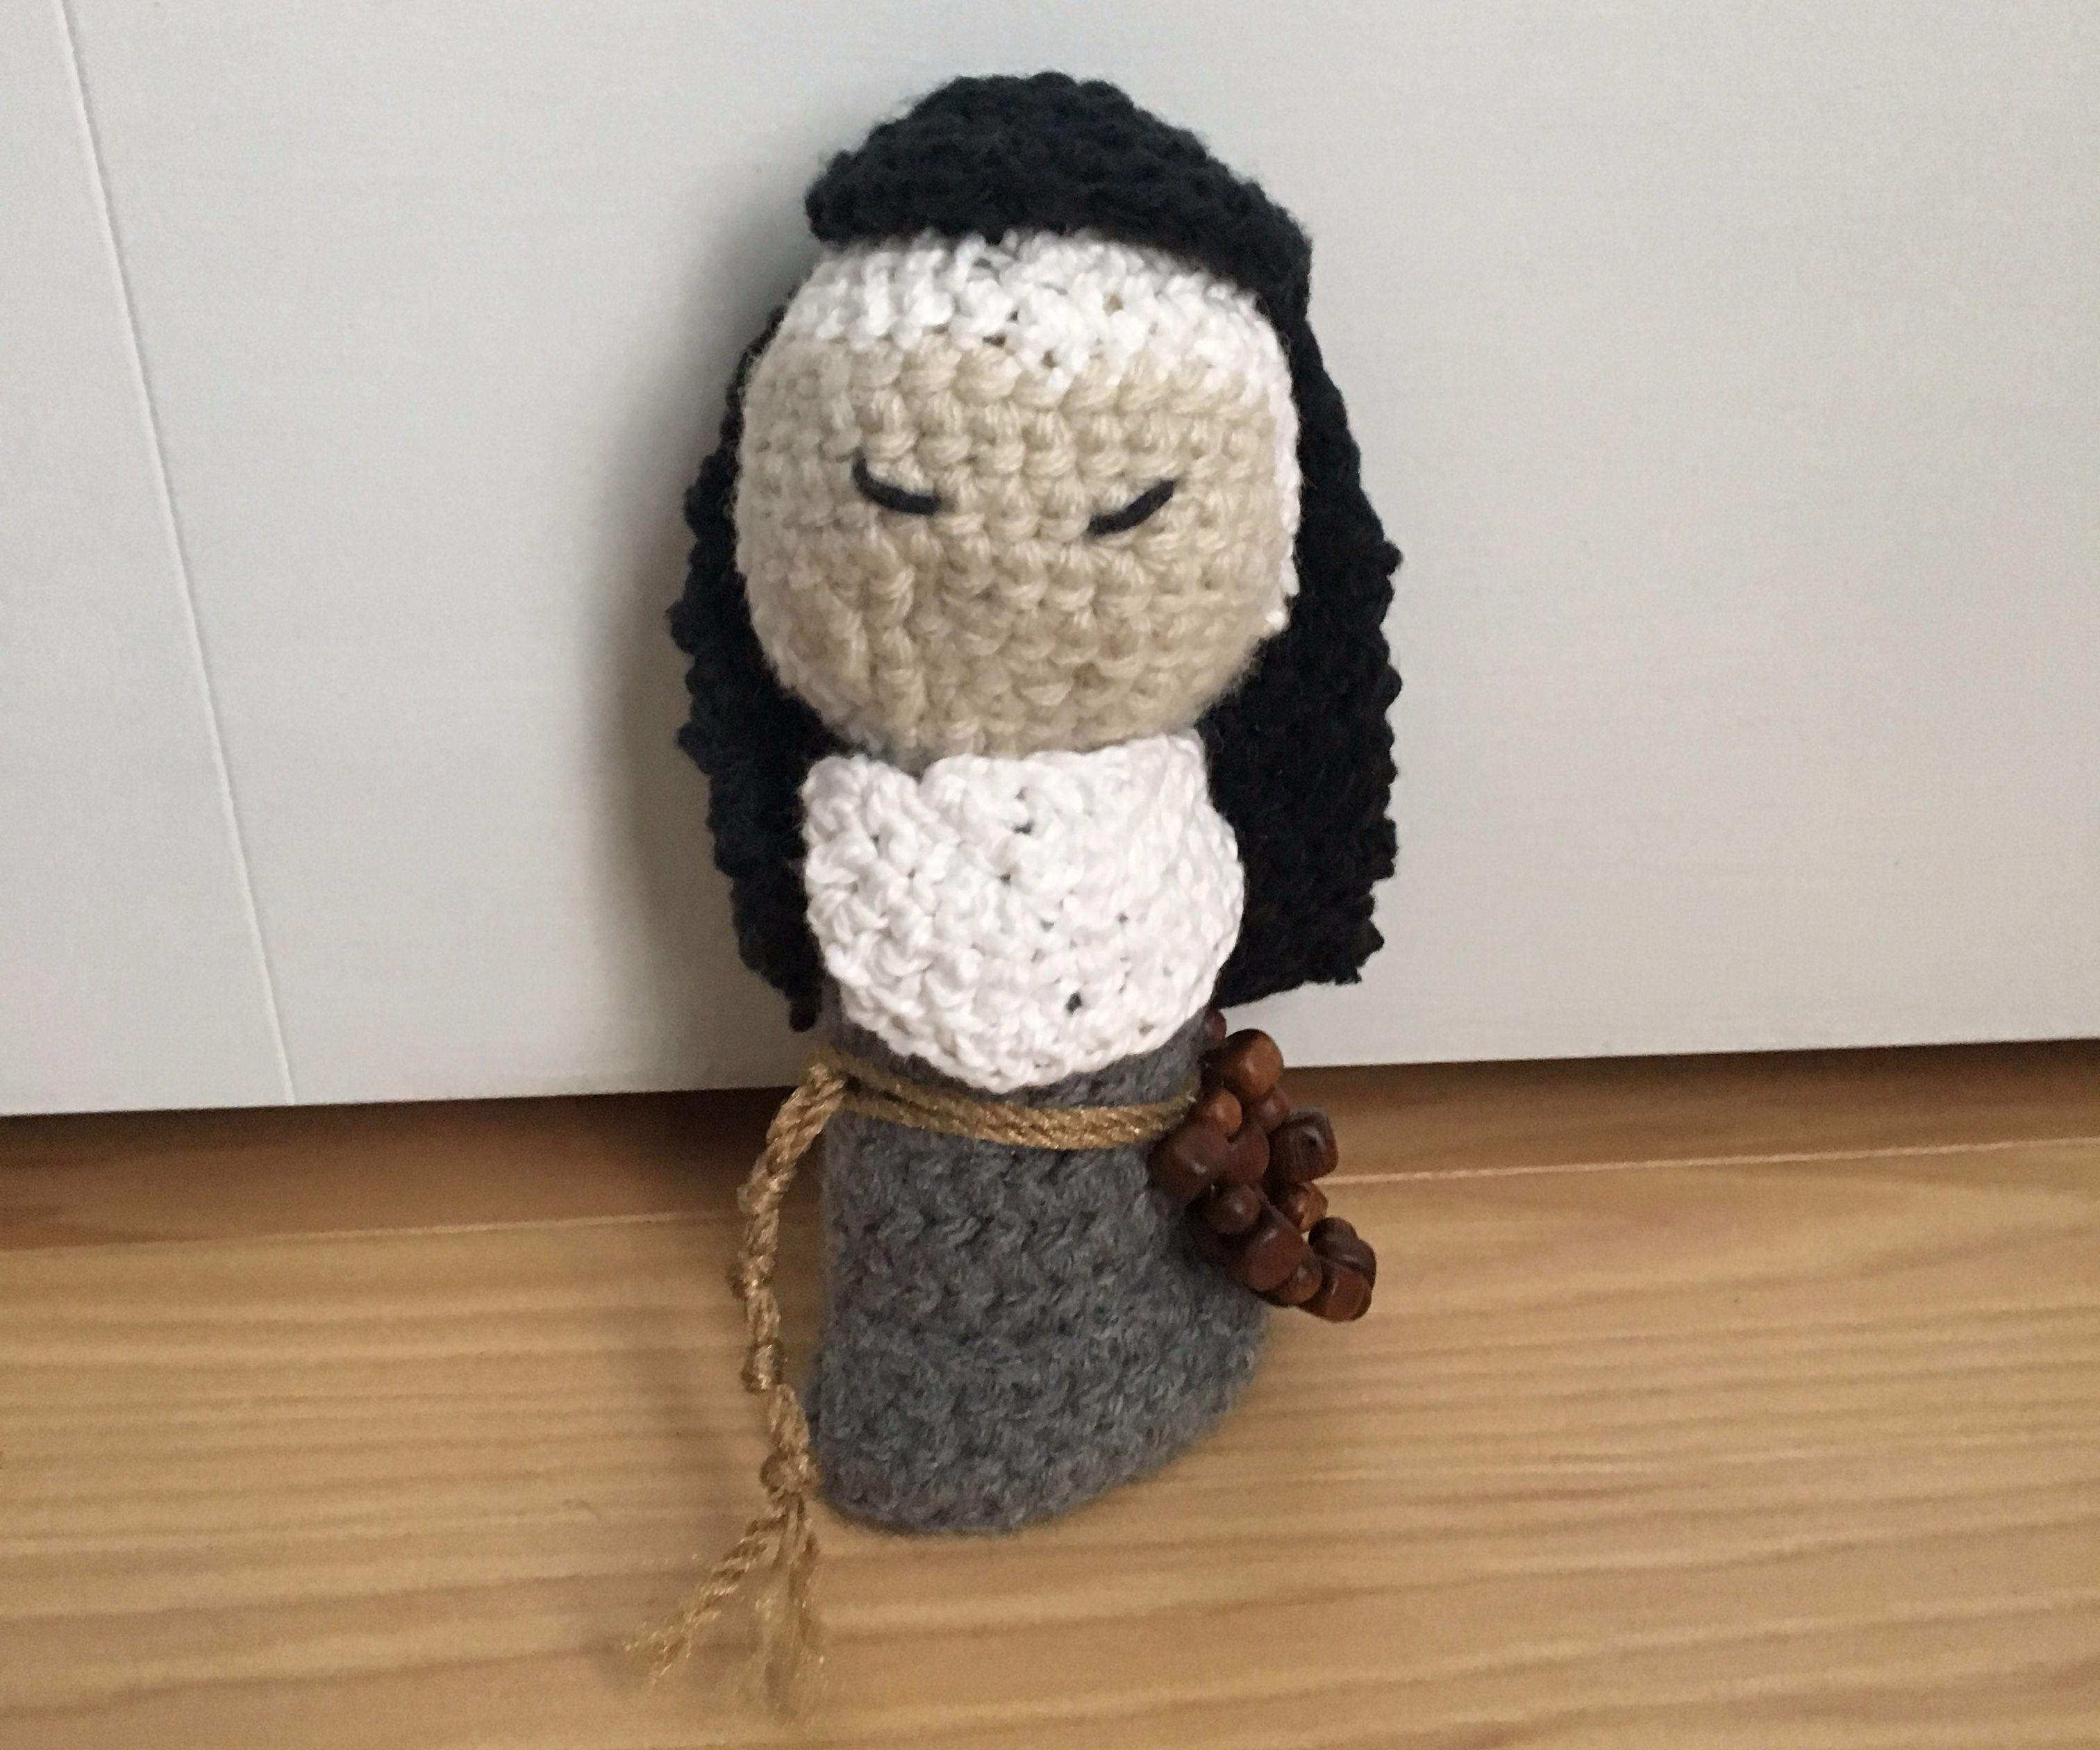 Amigurumi Nun (Poor Clare Order)